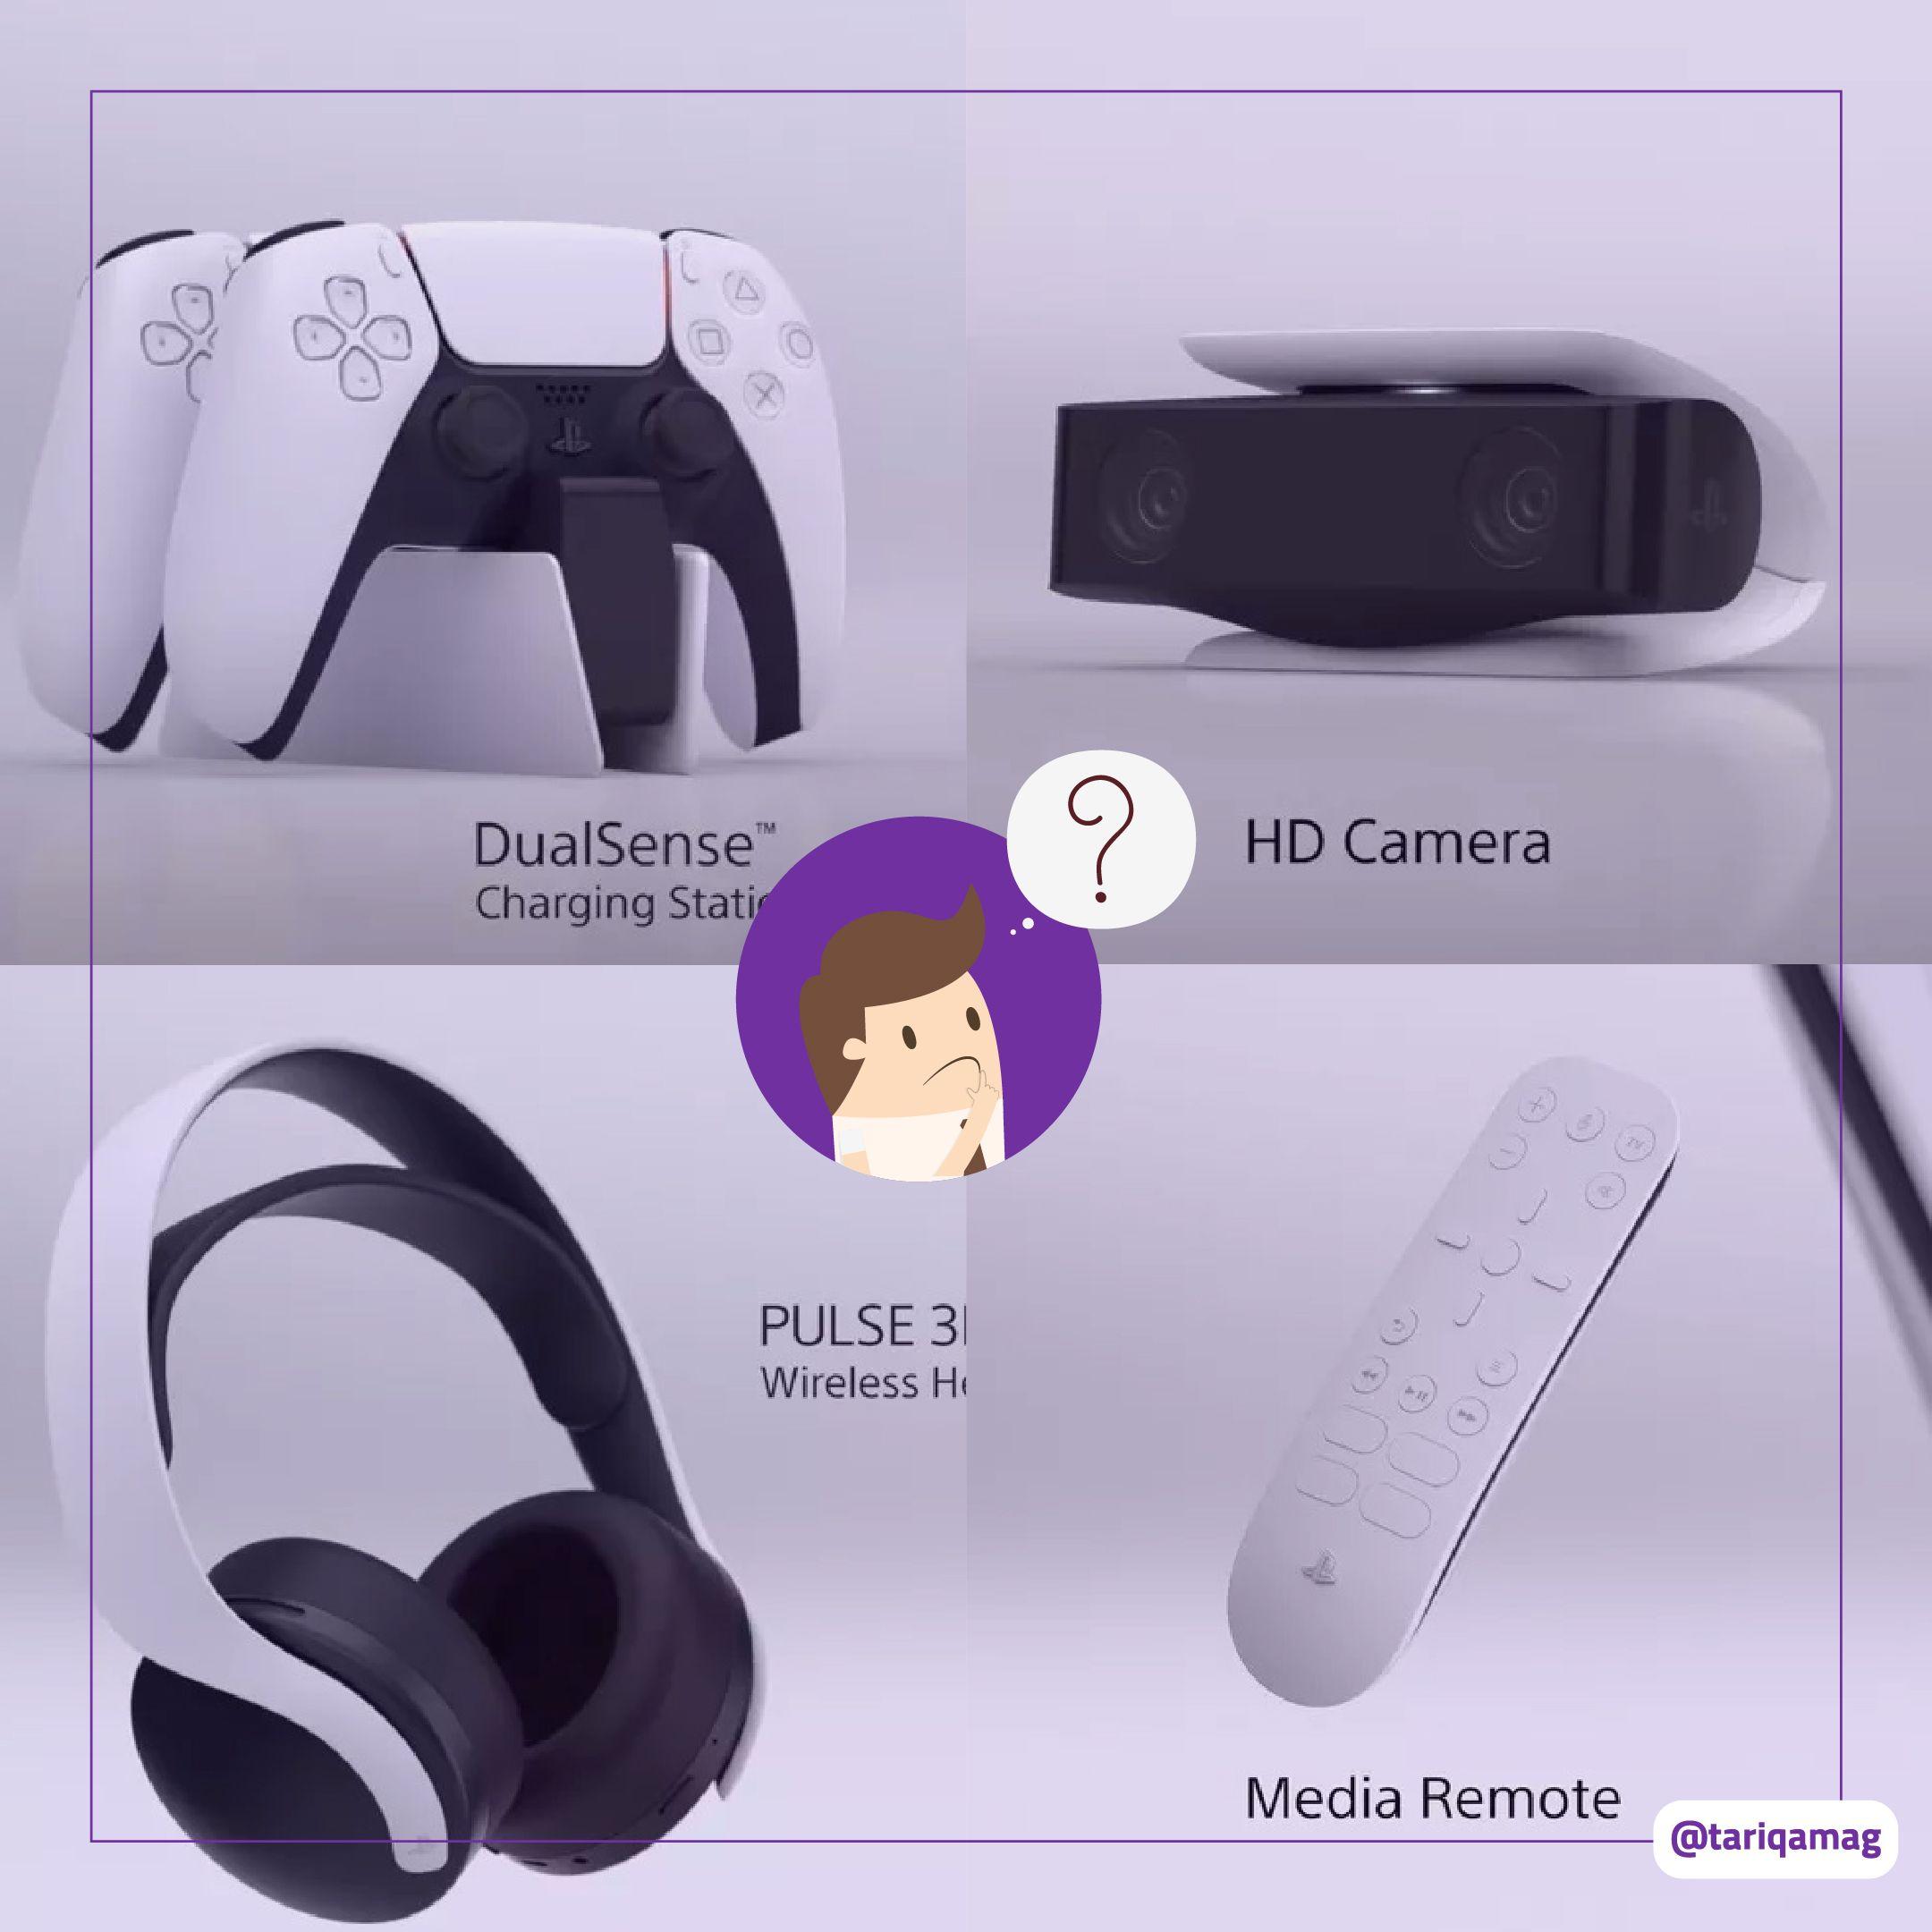 ملحقات Ps5 الجهاز سيحصل على كاميرا وقاعدة شحن وسماعات رأس Goggles Electronic Products Vr Goggle